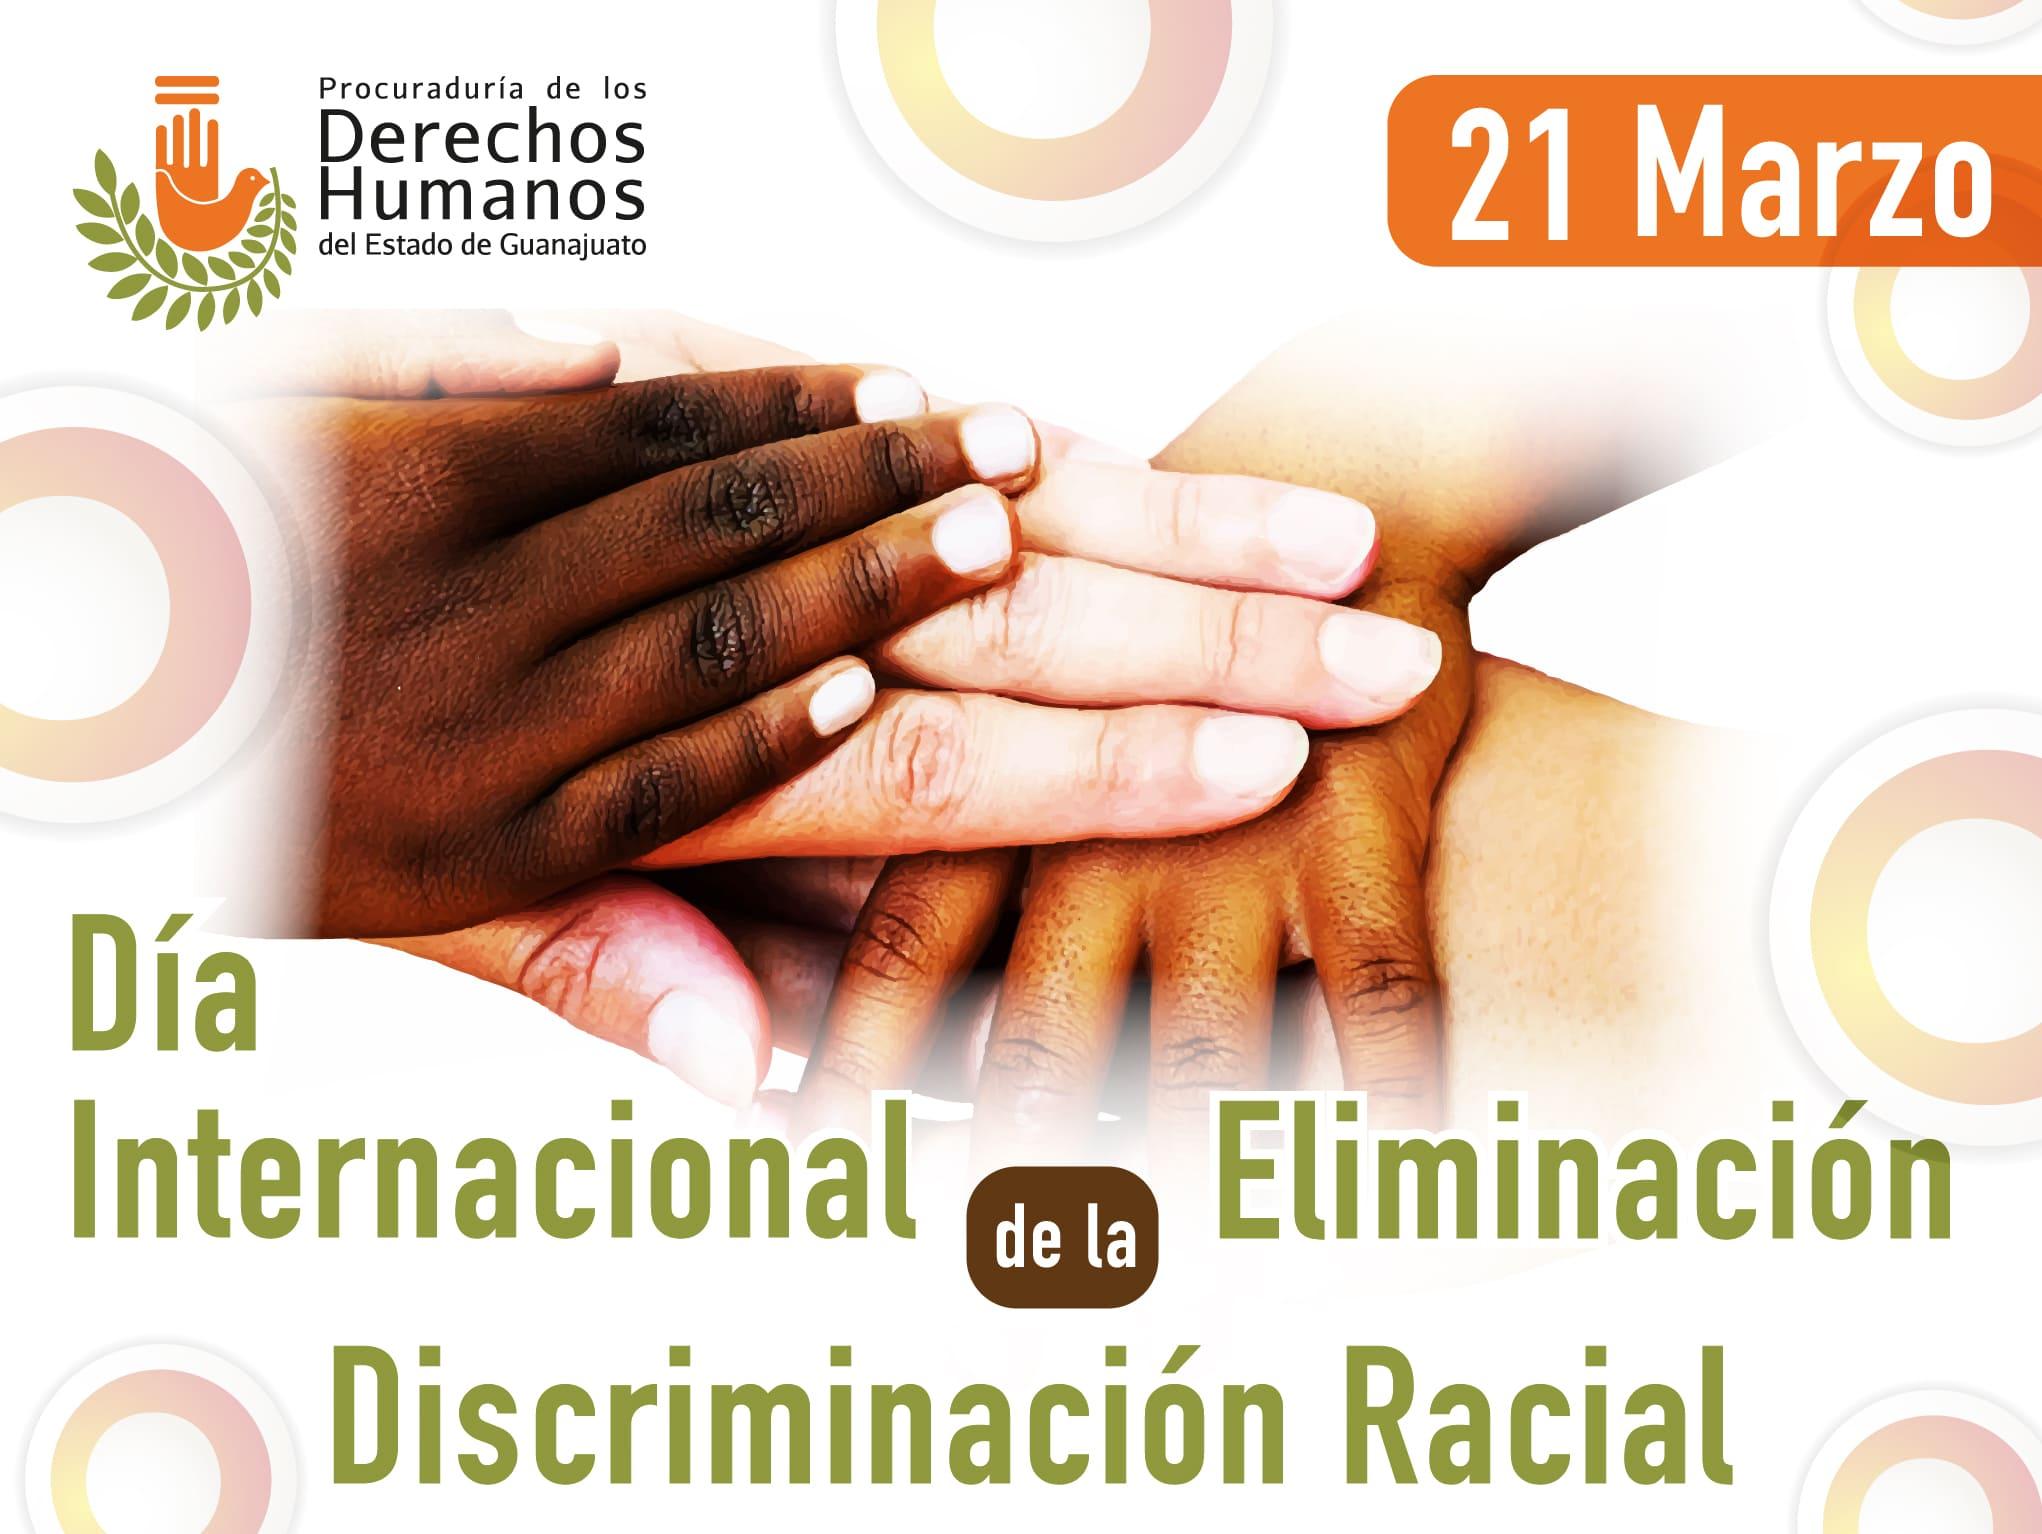 Día Internacional de la Eliminación de la Discriminación Racial